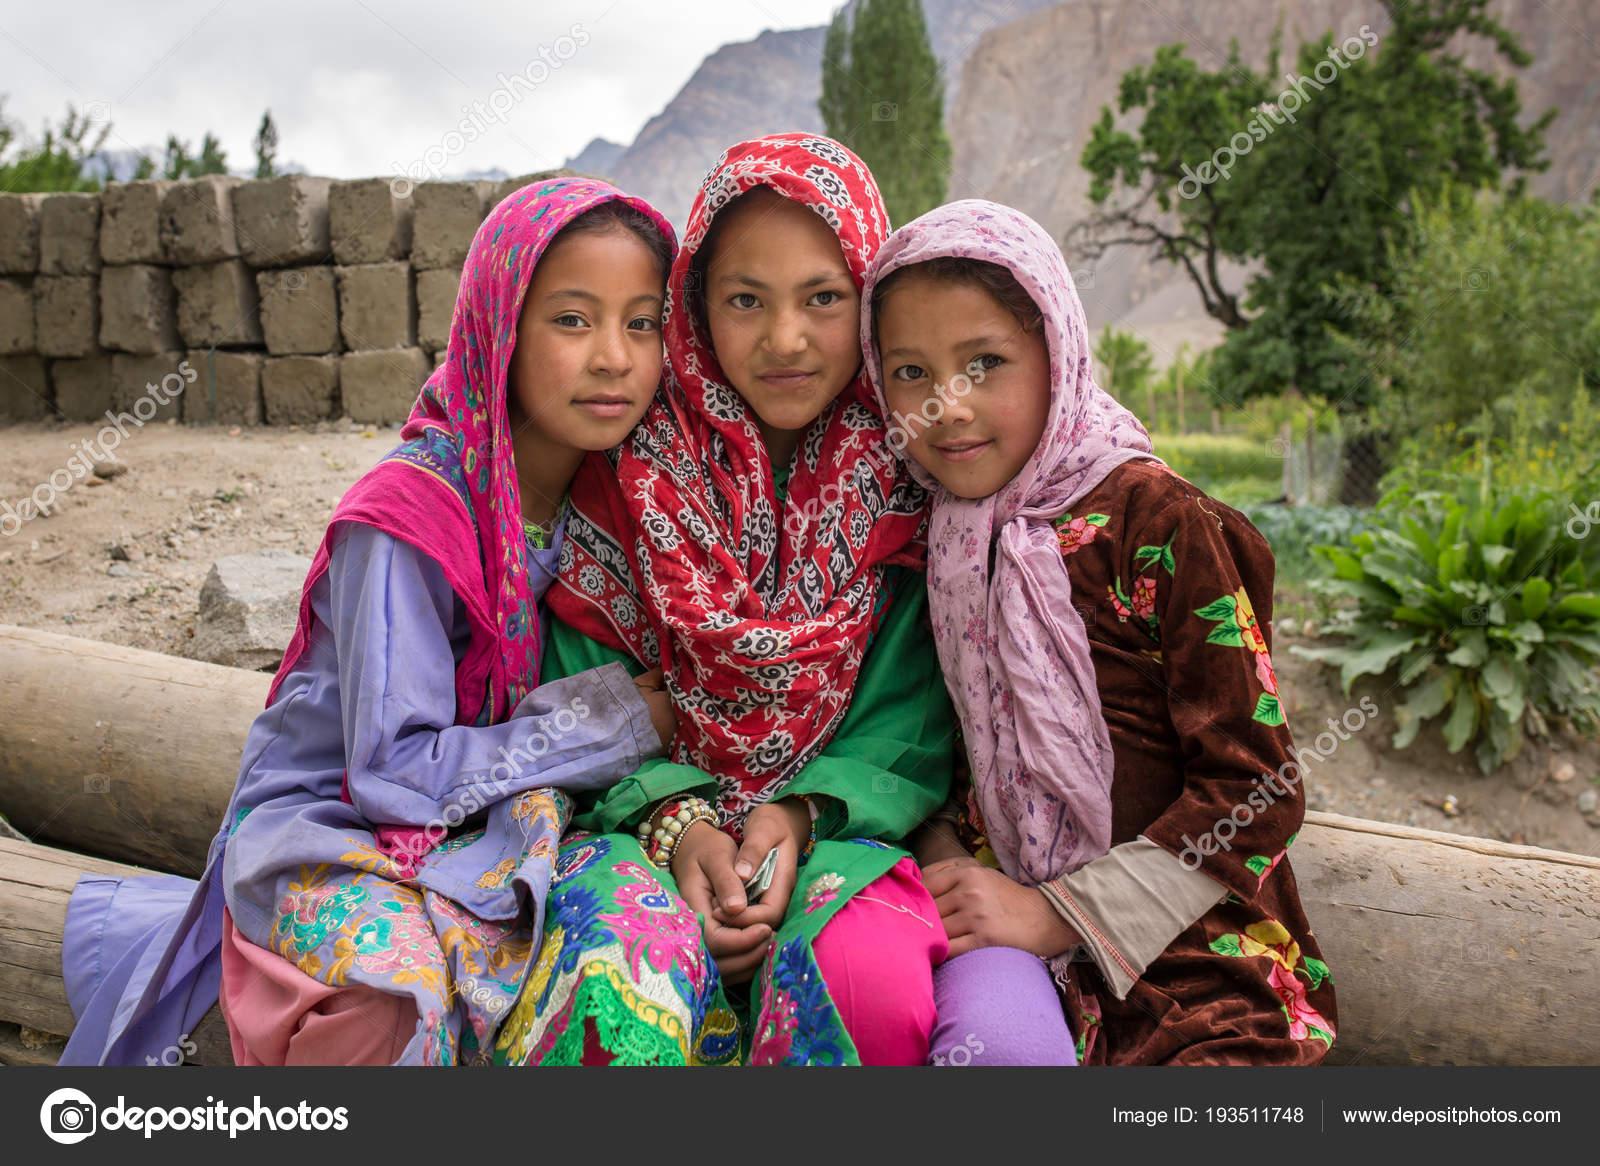 Αποτέλεσμα εικόνας για φωτο κοριτσια σε μουσουλμανικα χωρια